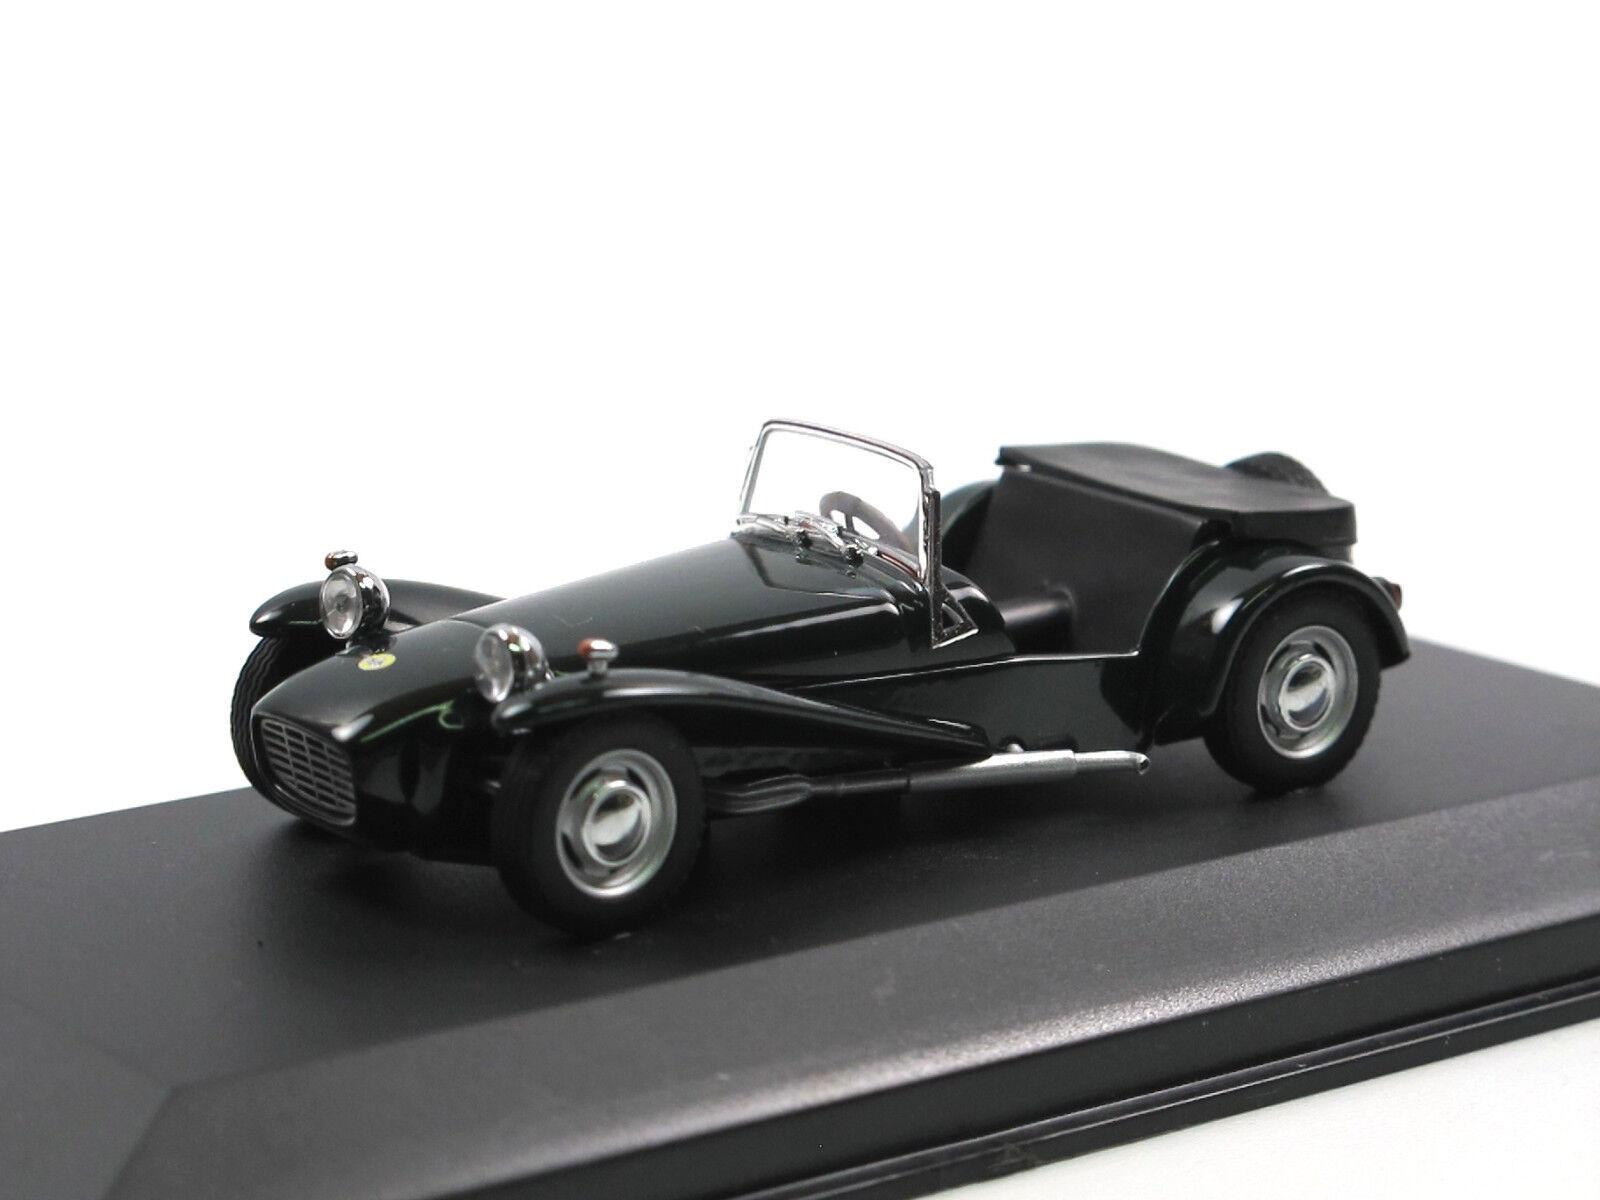 MINICHAMPS 430135630 - 1968 Lotus Super 7 (Seven), vert, 1 43 rare modèle